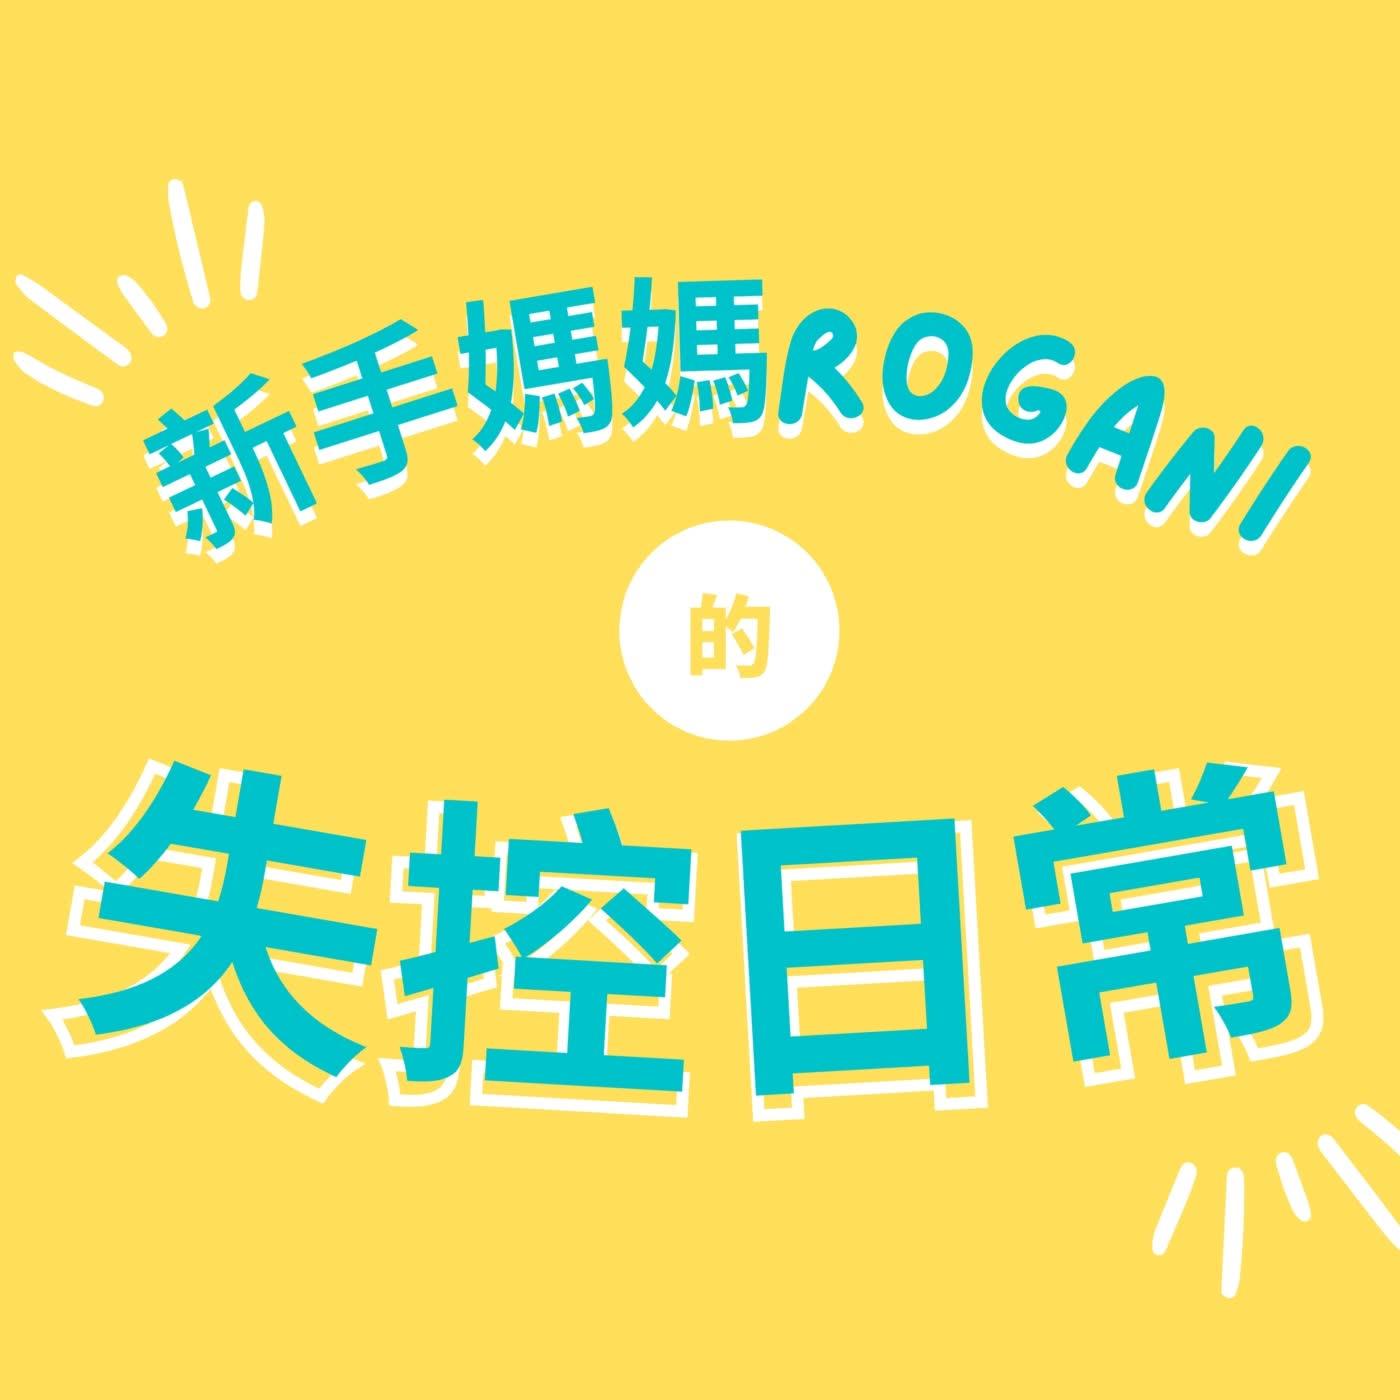 新手媽媽Rogani的失控日常